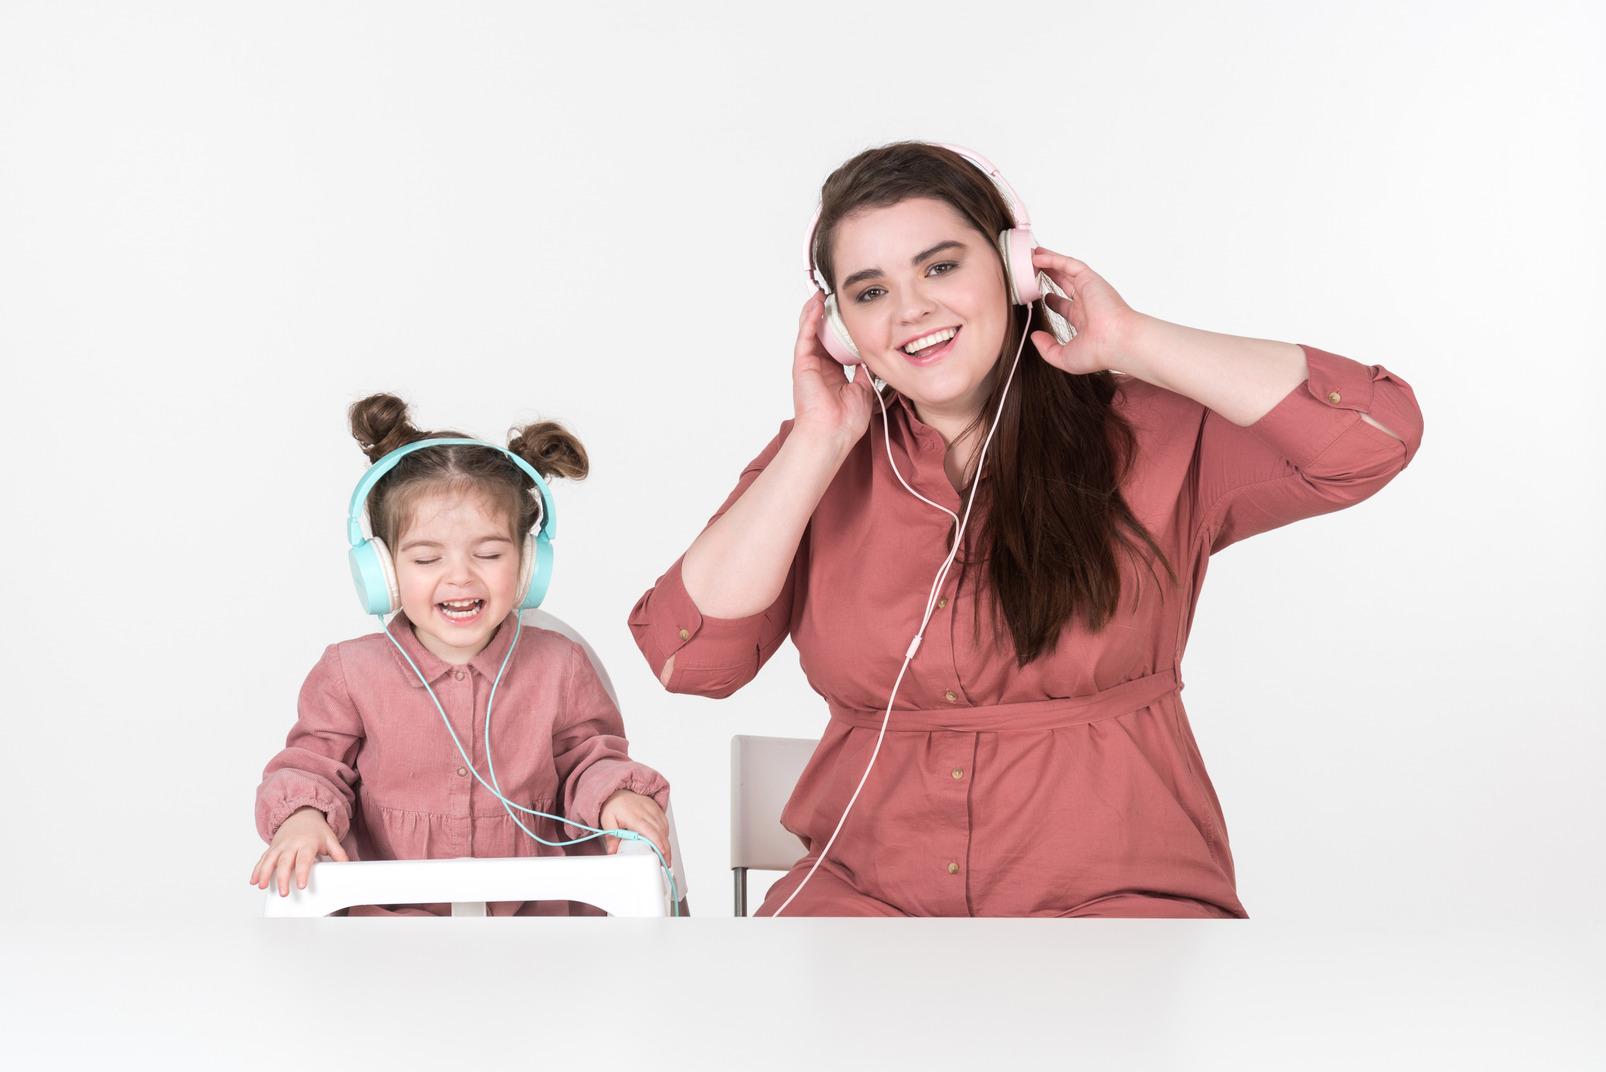 Wir sind uns so ähnlich, sie mag sogar die gleiche musik wie ich!